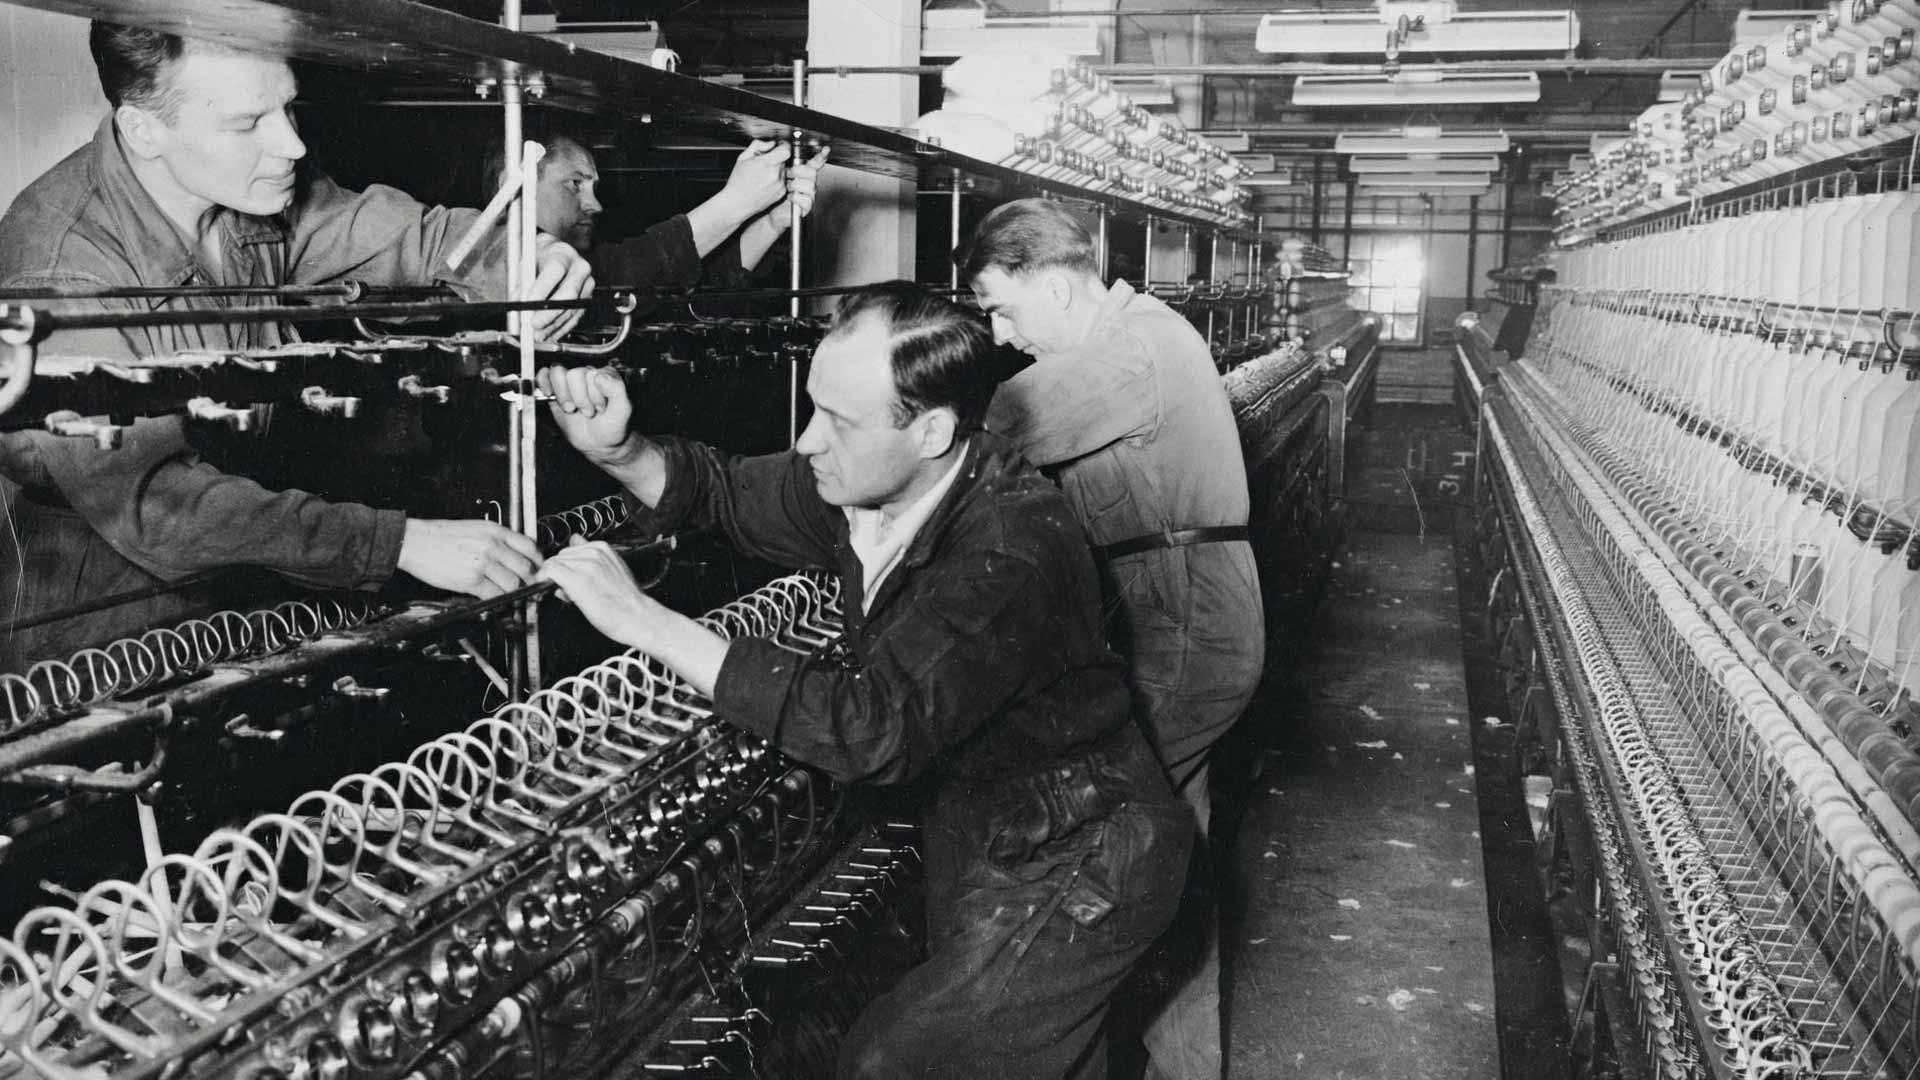 Väinö Linnasta otettiin kirjailijakuvia Finlaysonin tehtaan konepajalla Tampereella vielä keväällä 1955.